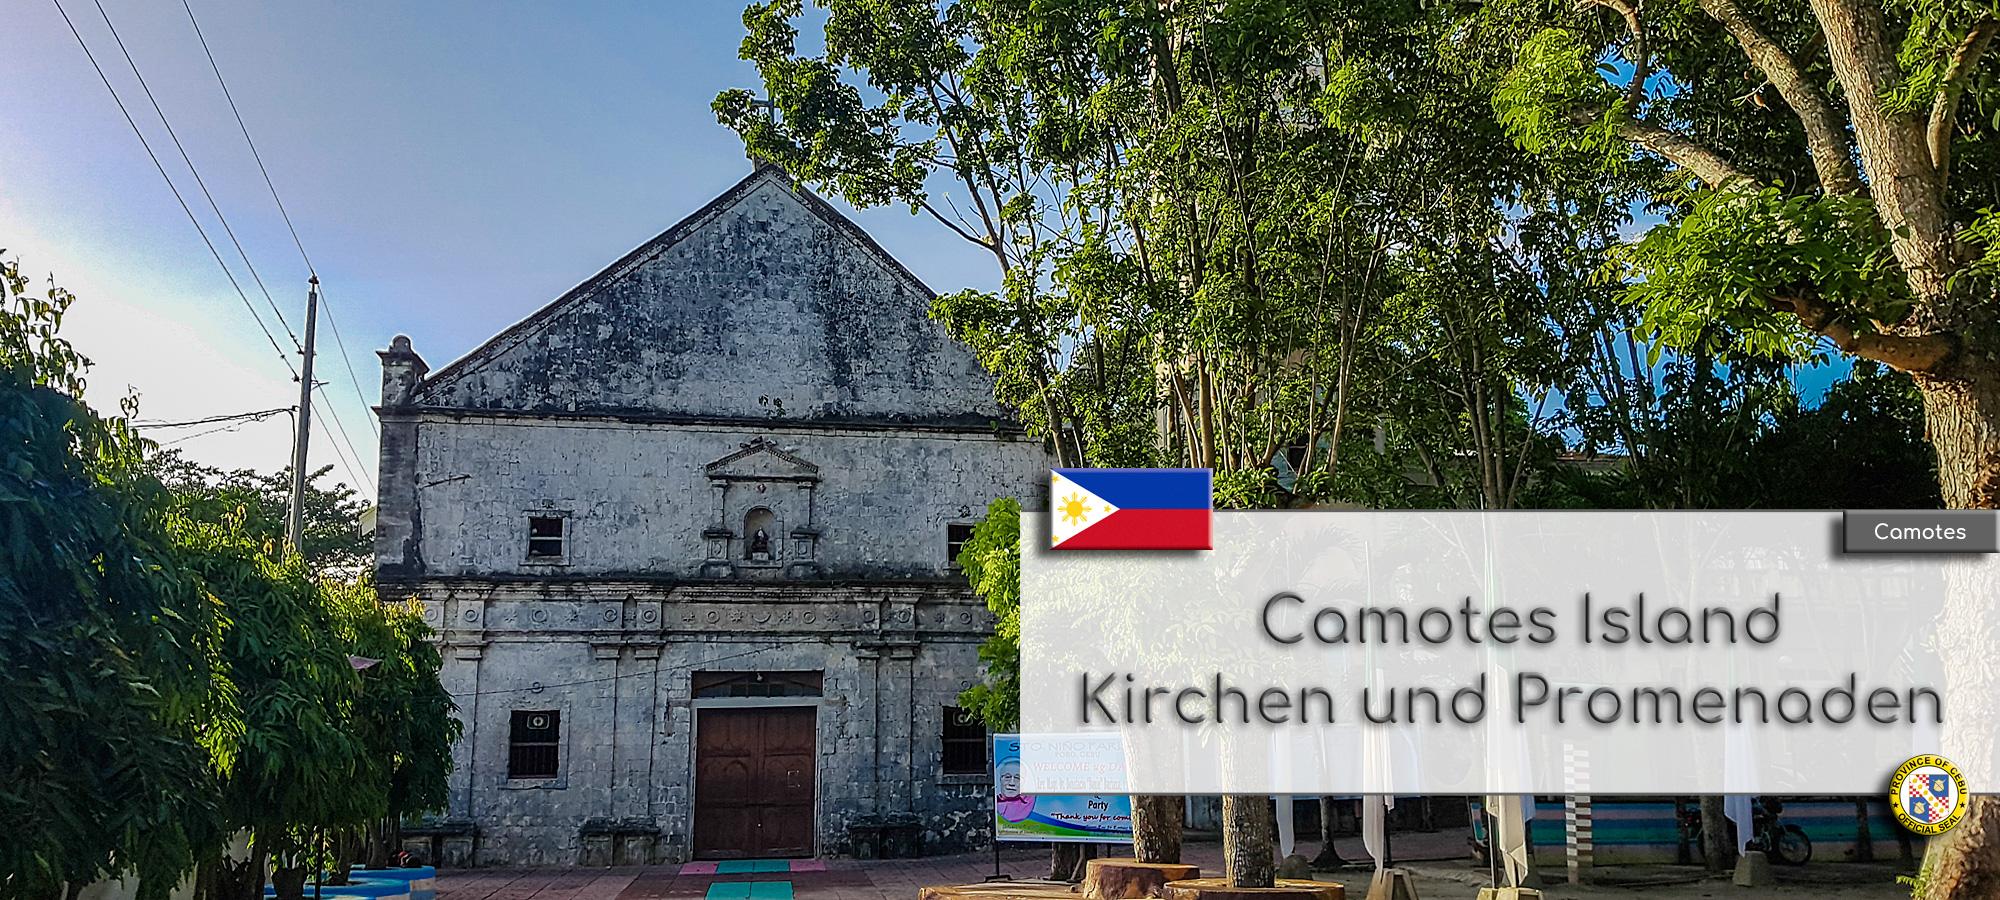 Die aelteste Kirche auf Camotes, die Sto. Niño Catholic Church. Im Textfeld steht geschrieben: Camotes Island Kirchen. Wappen der Philippinen und der Provinz Cebu.